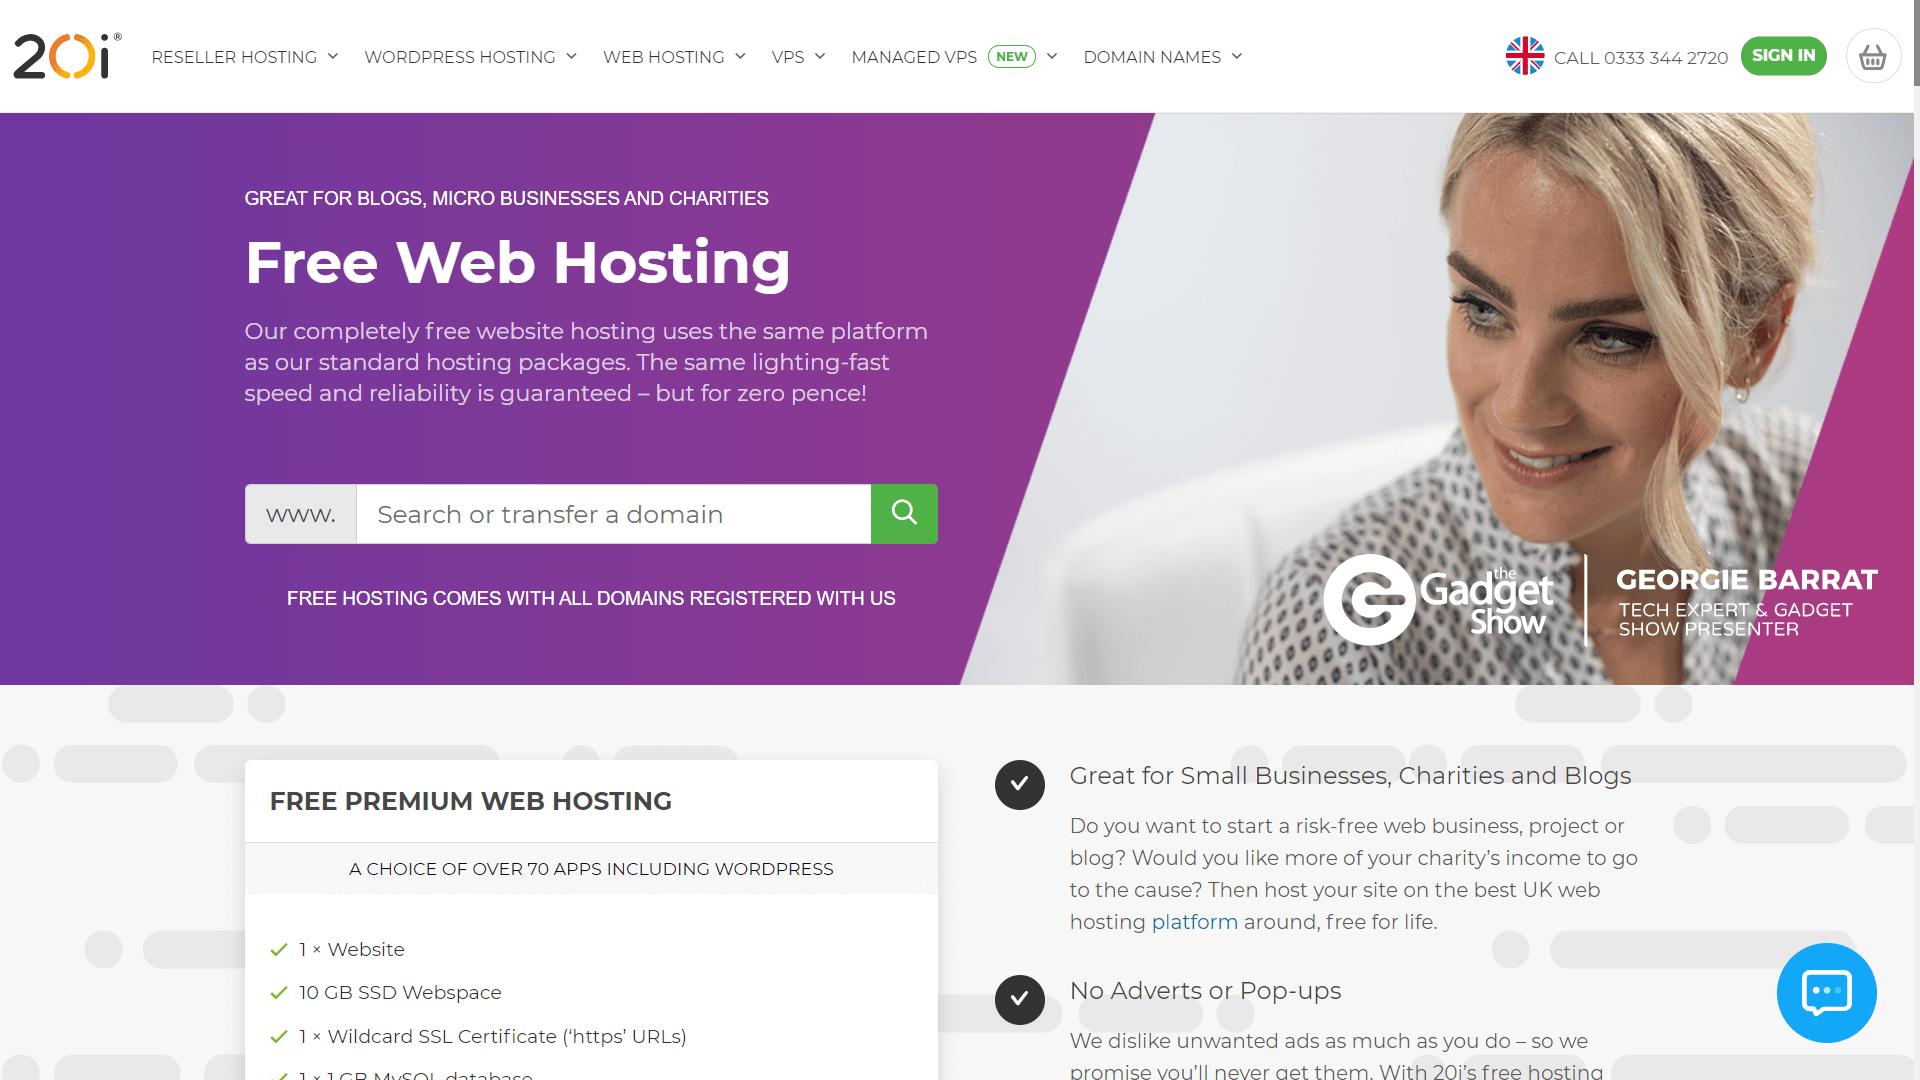 20i.com